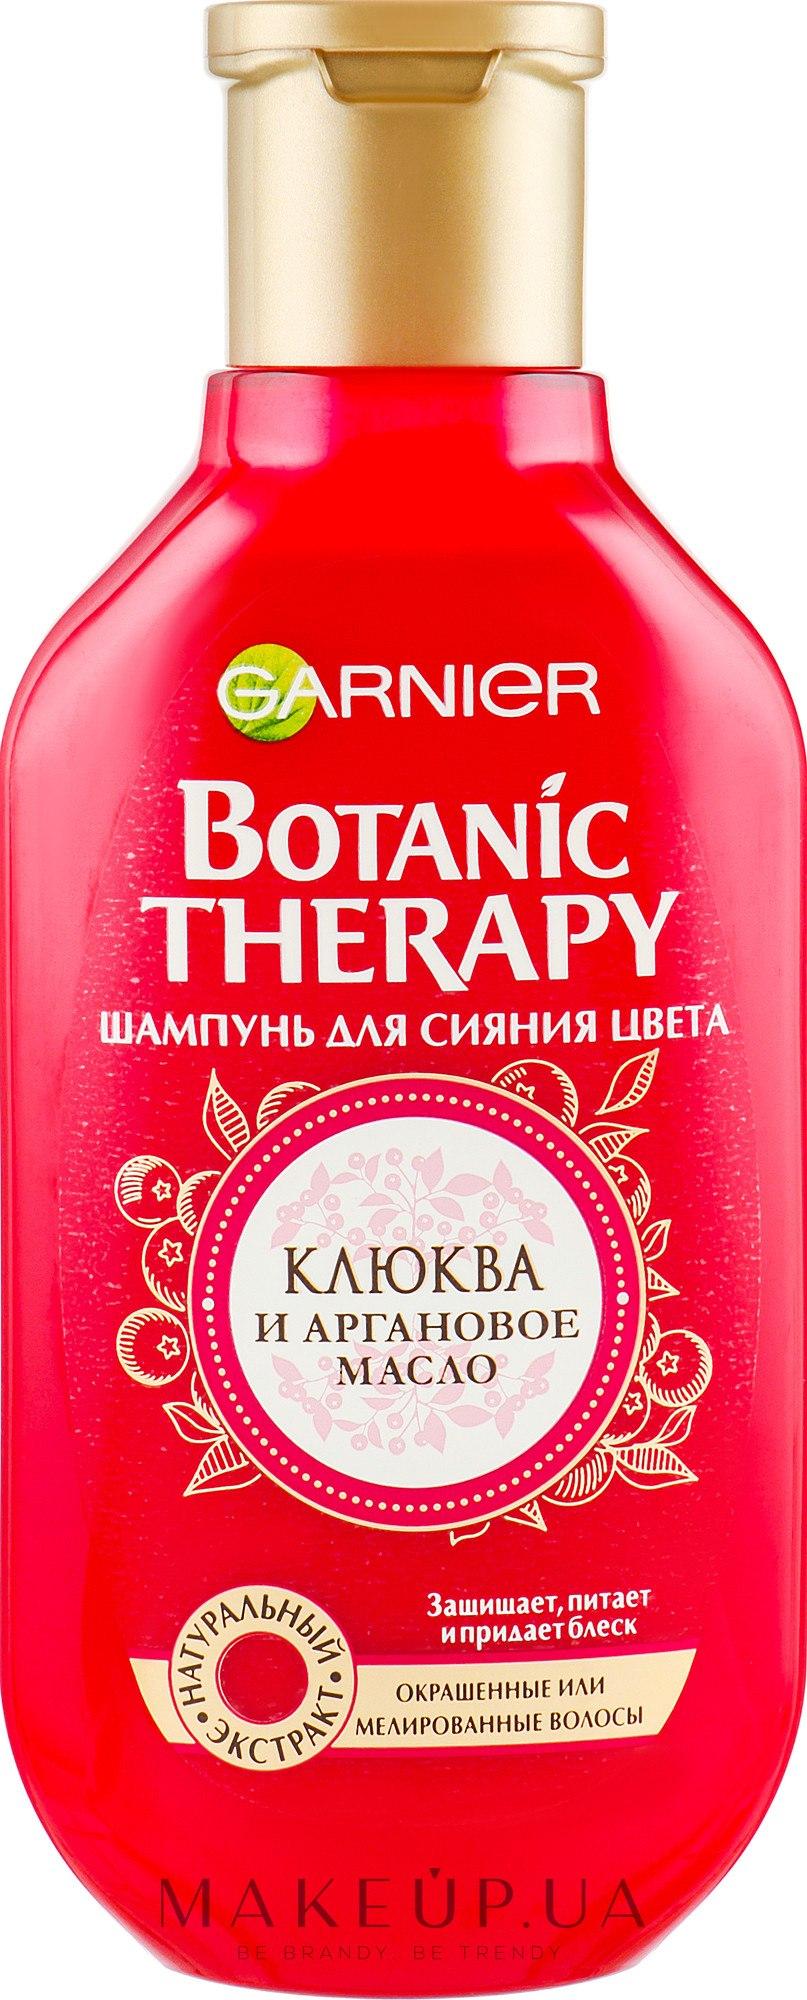 """Шампунь для окрашенных волос """"Клюква и аргановое масло"""" - Garnier Botanic Therapy — фото 250ml"""